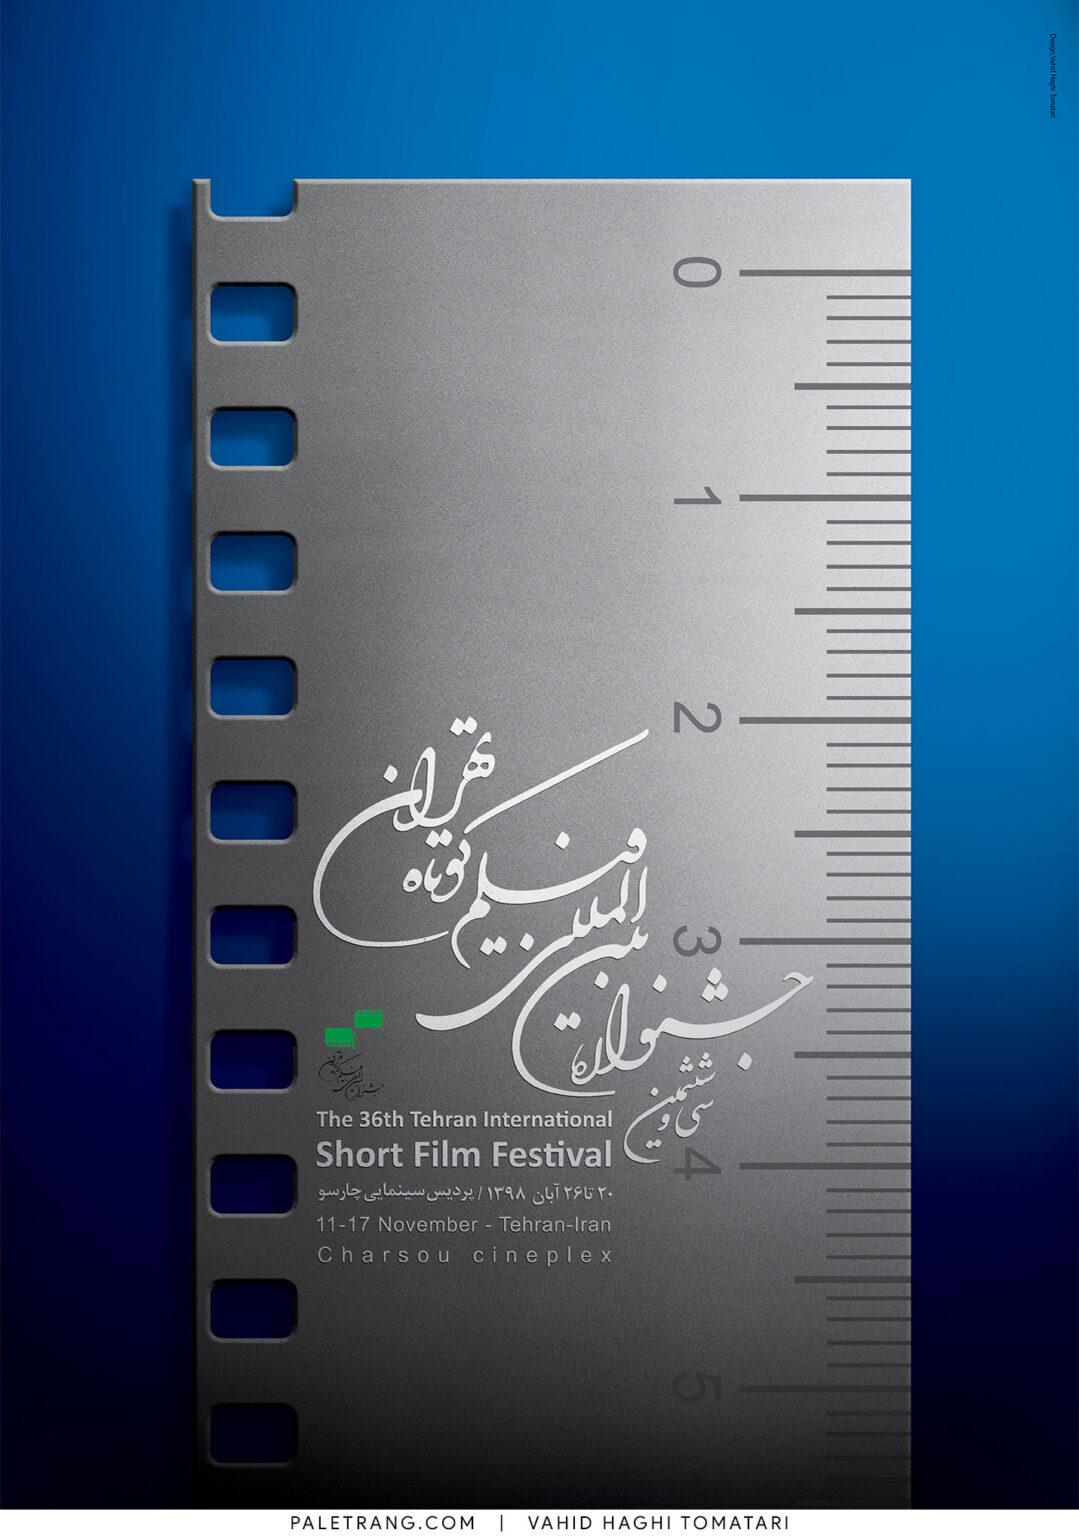 پوستر سی و ششمين جشنواره فيلم كوتاه تهران اثر وحید حقی تومتری